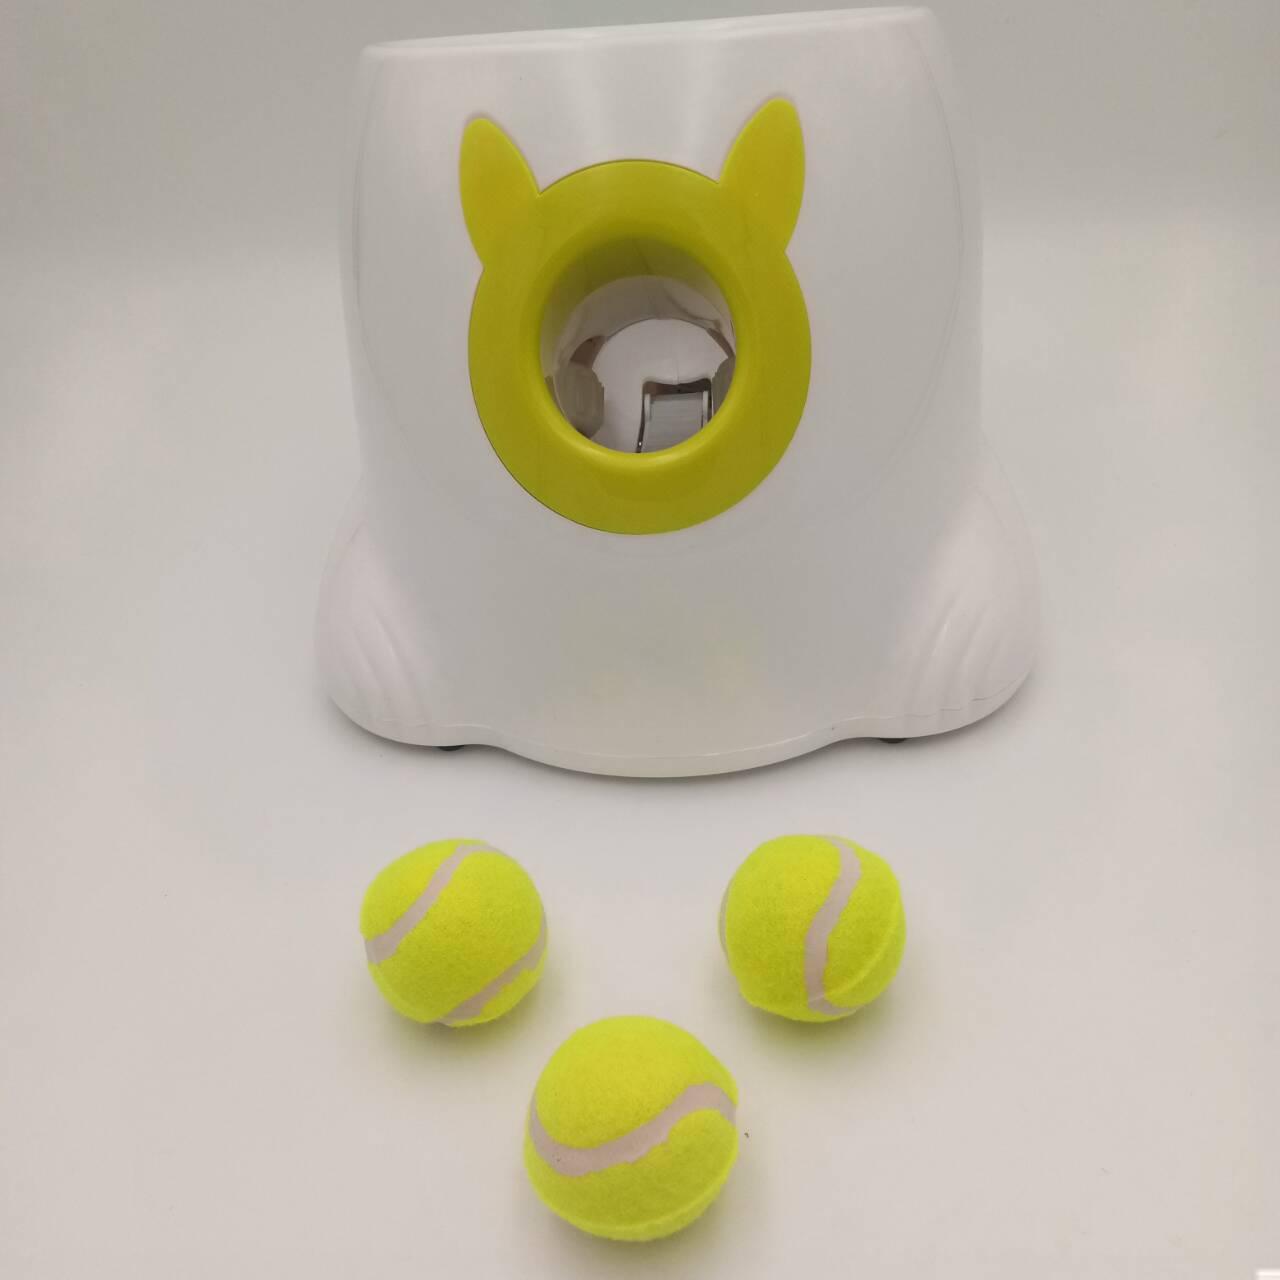 工厂直销宠物用品自动发球机宠物专用小网球发射机宠物玩具